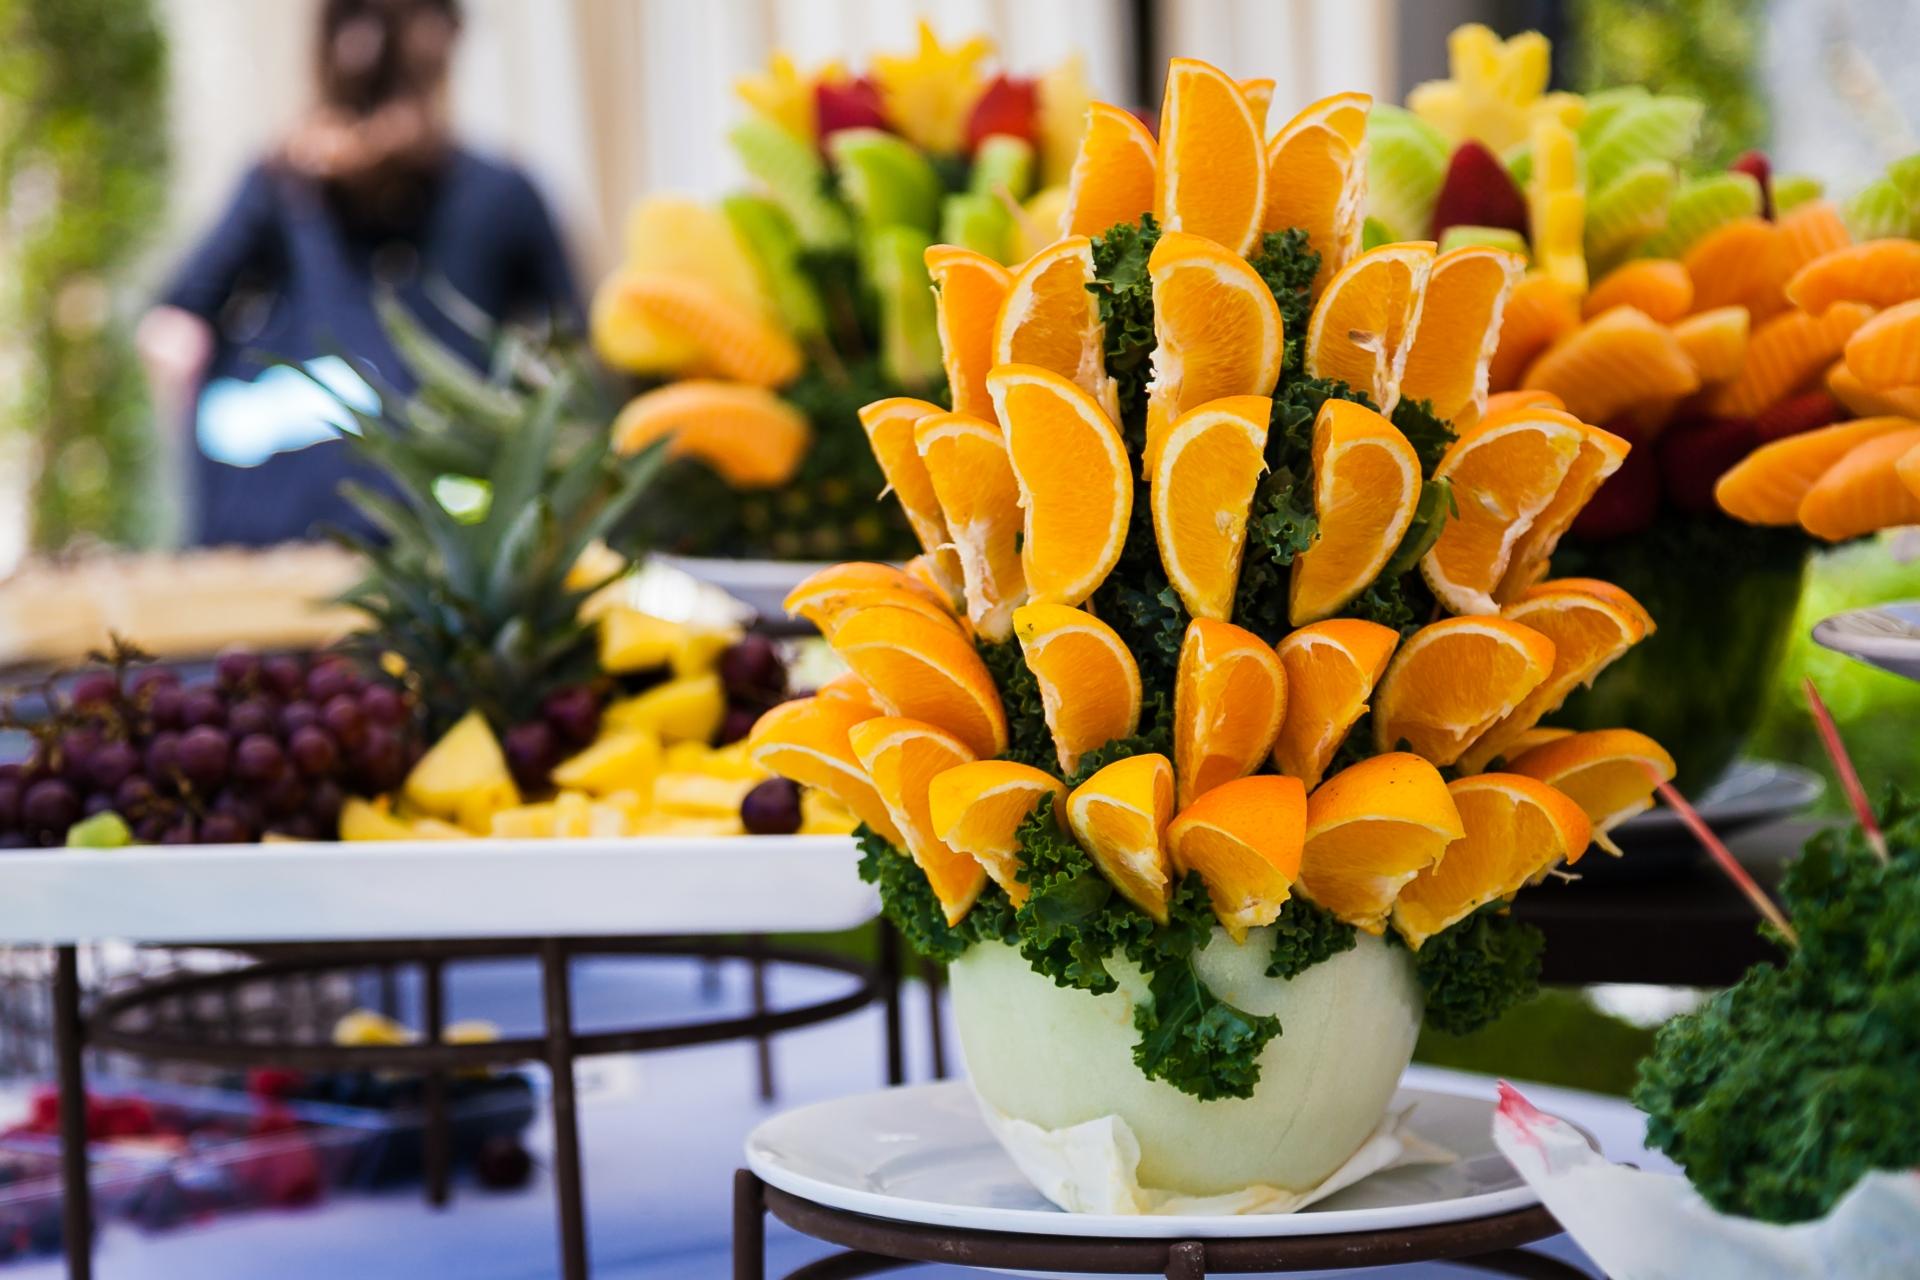 fruit display at an Indian wedding